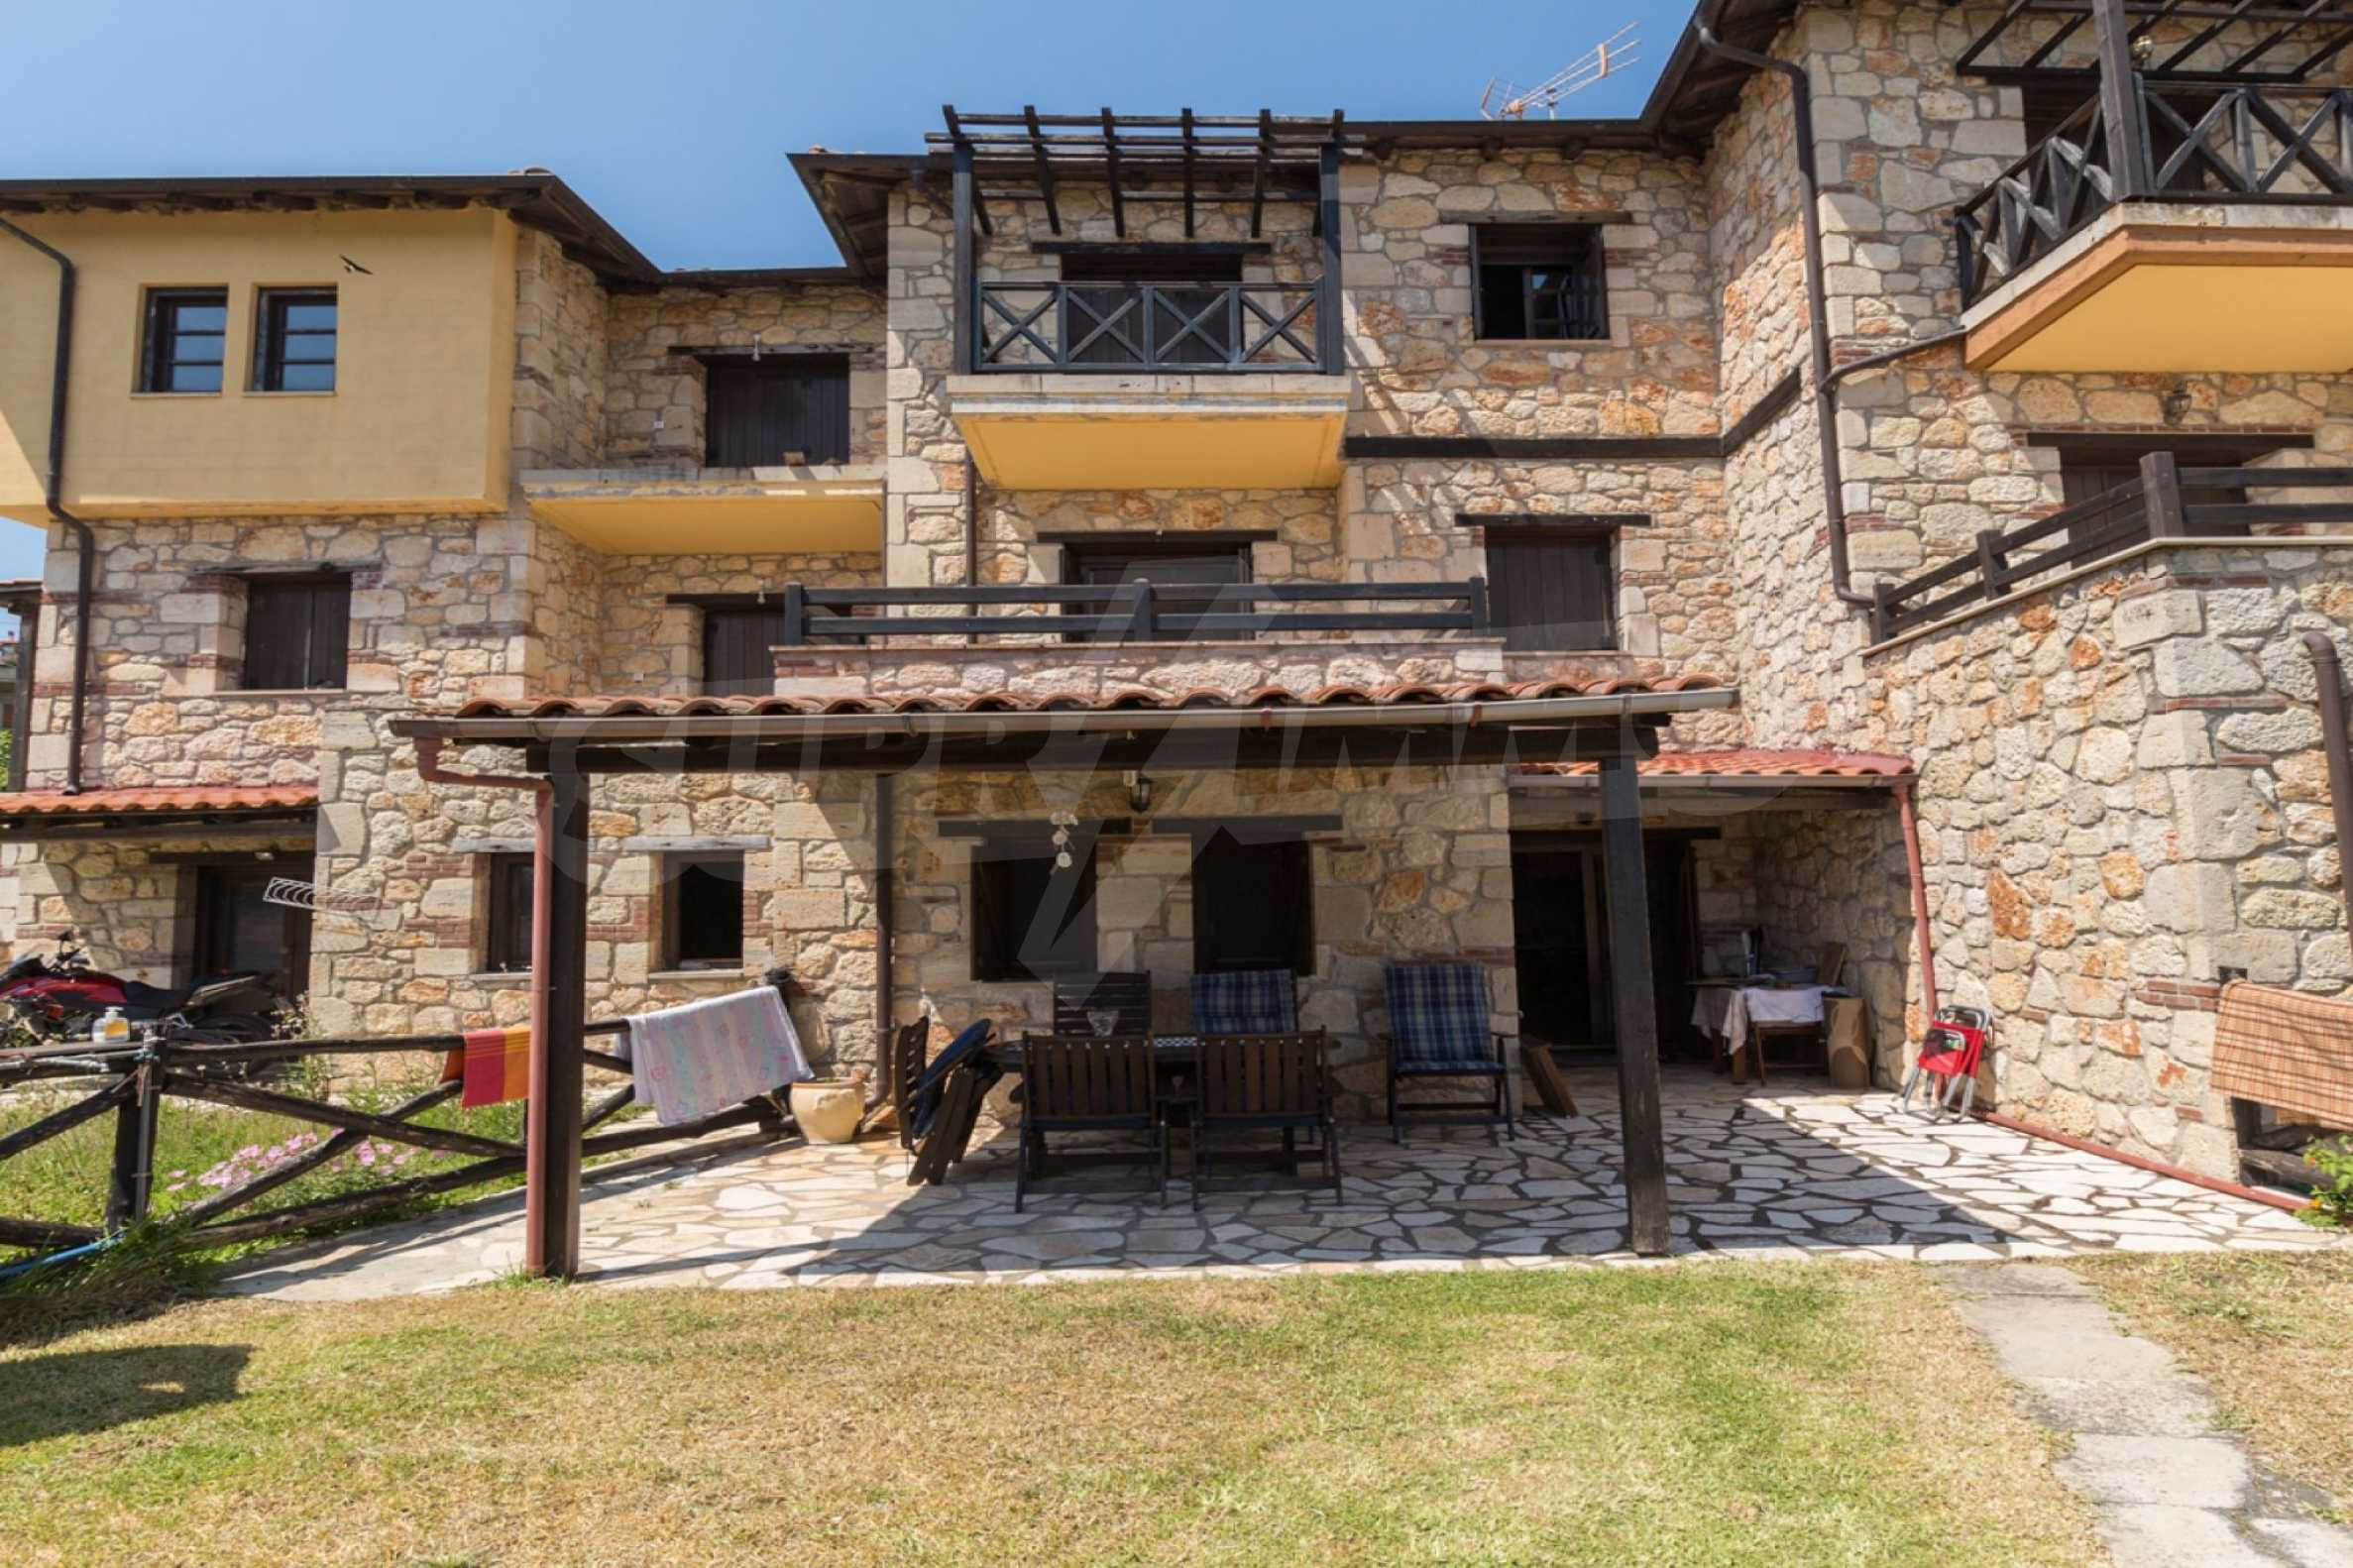 Къща  във  Вурвуру 1